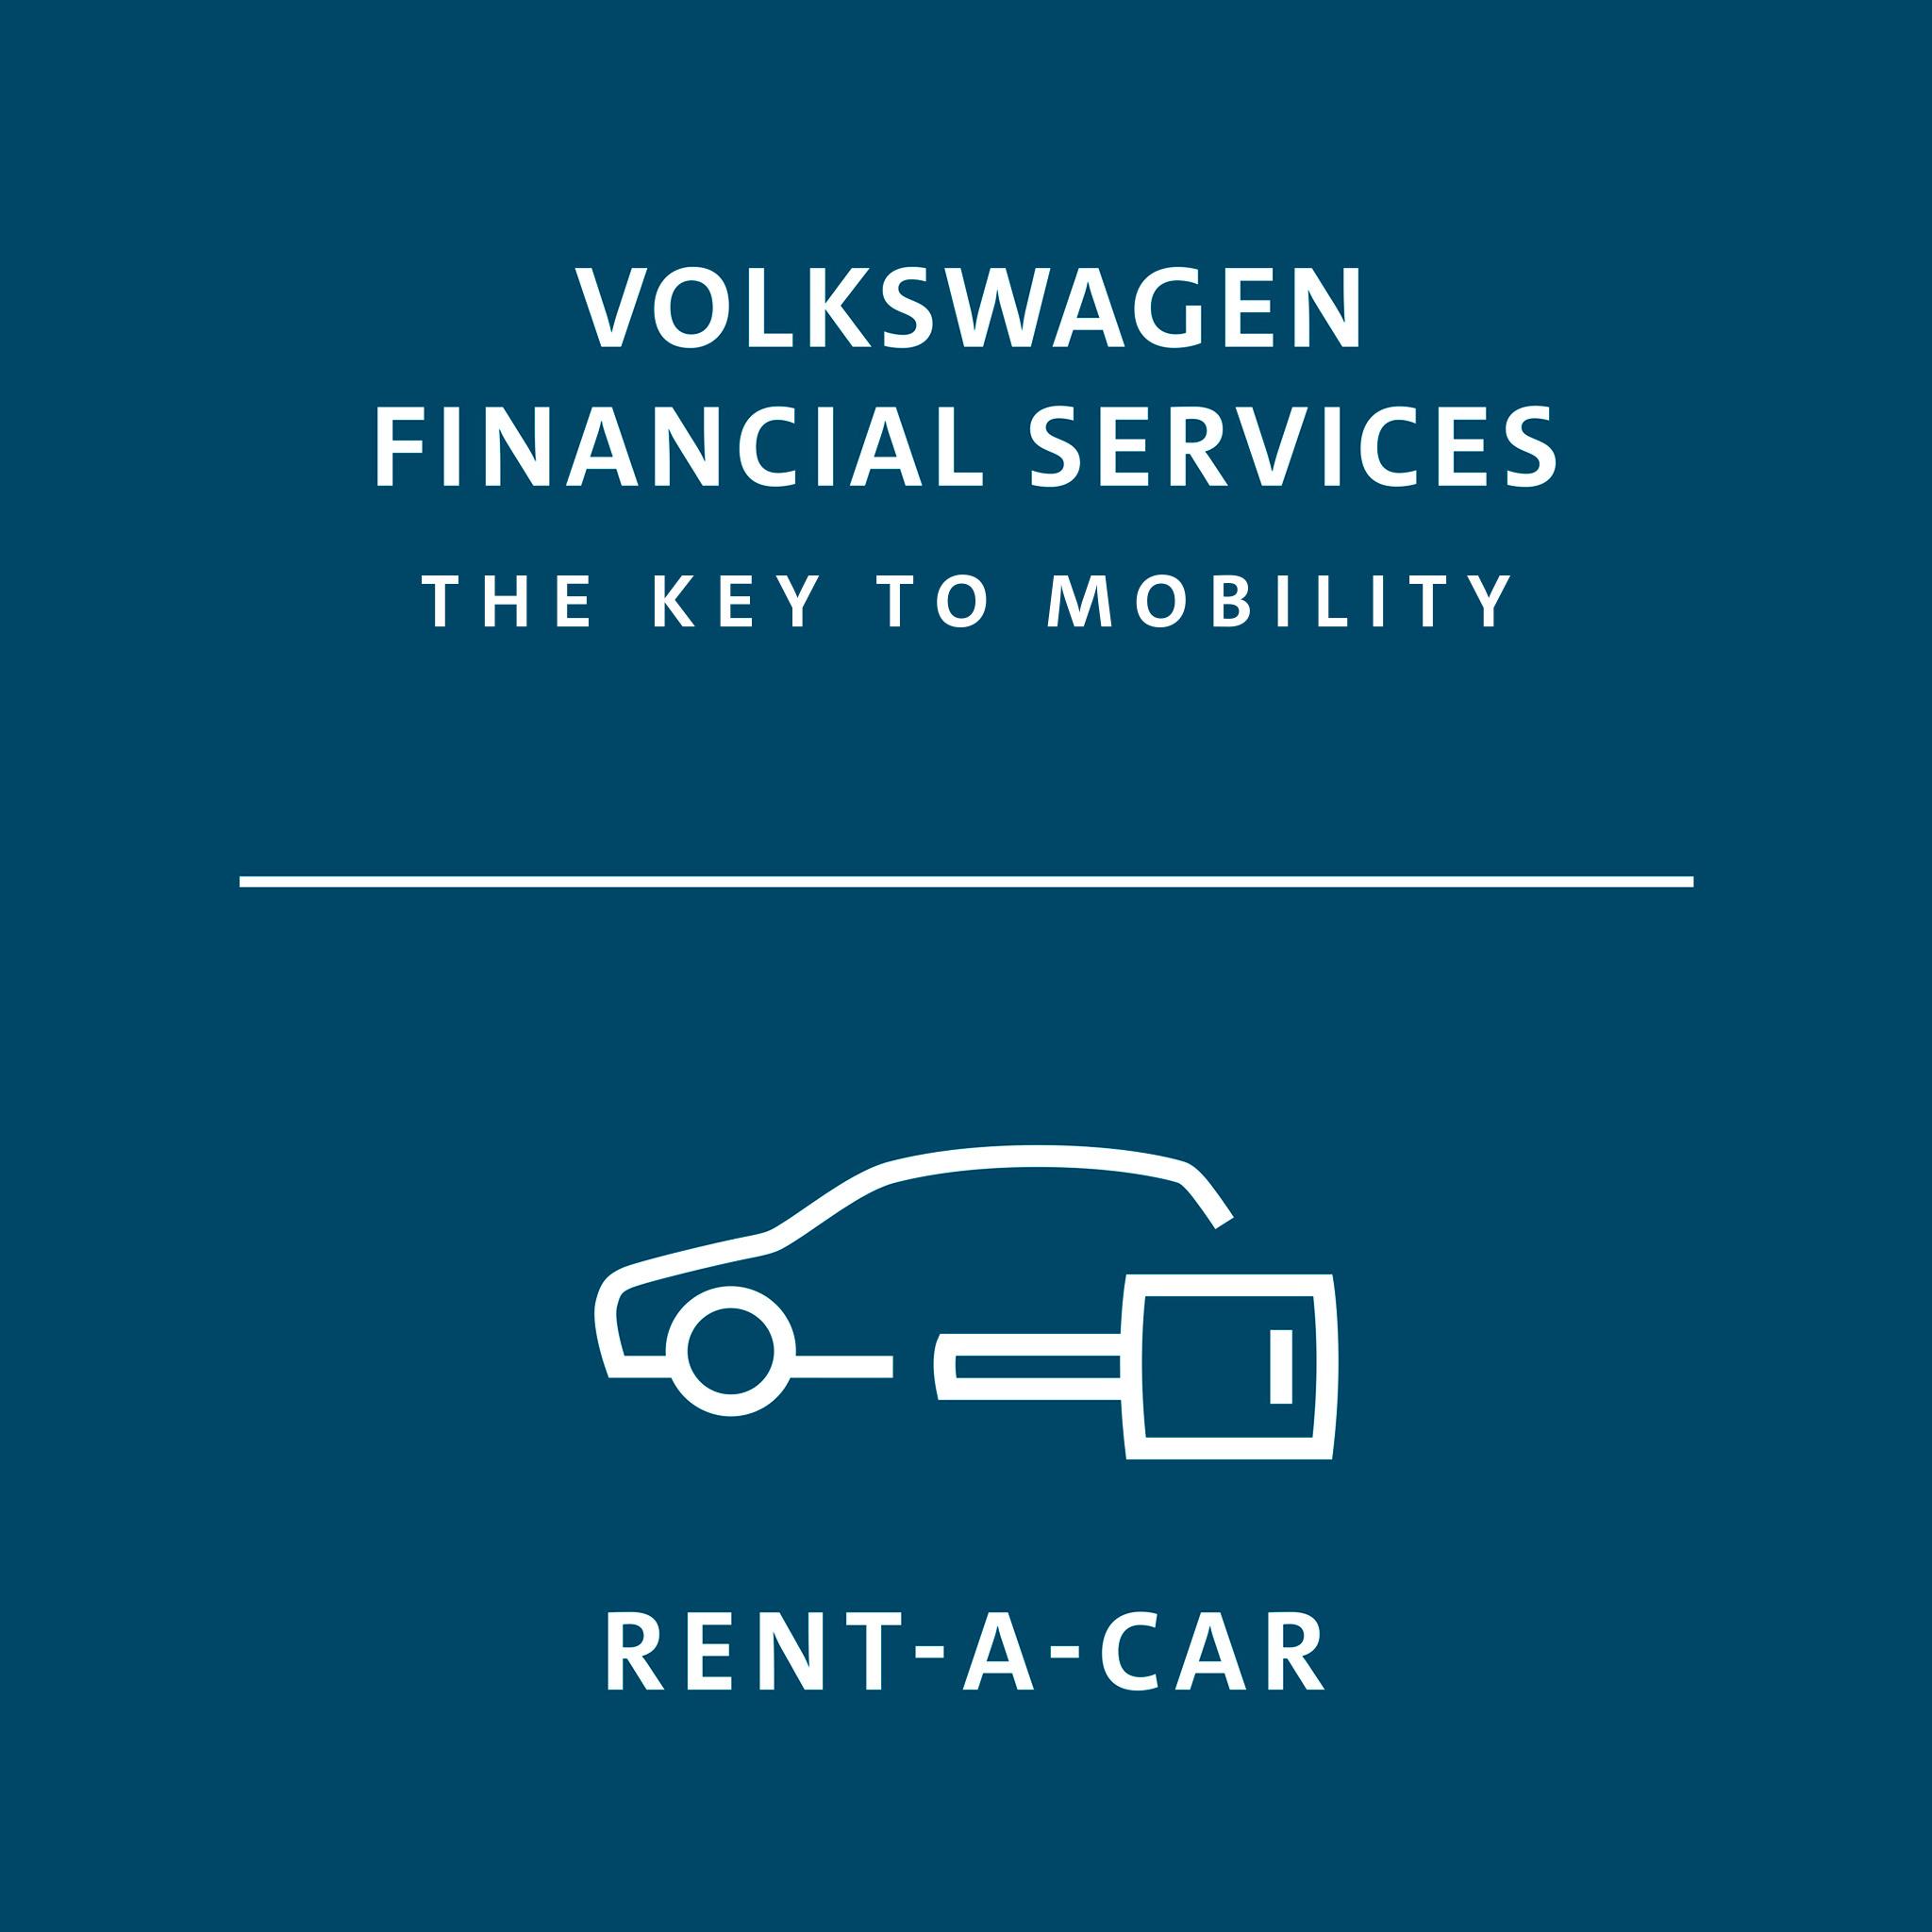 VW FS Rent-a-Car - Stuttgart Degerloch